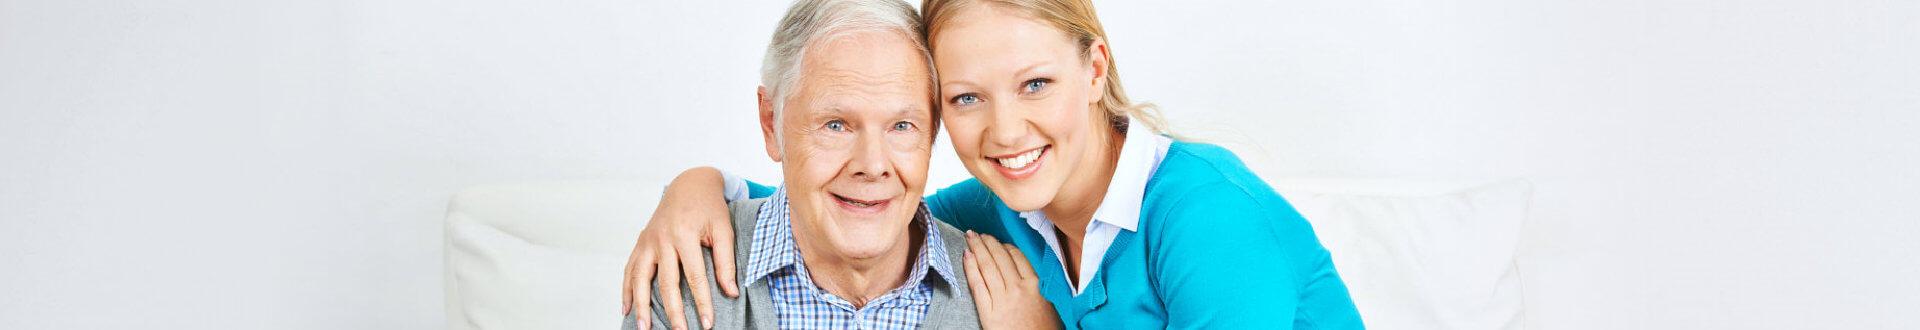 caregiver smiling